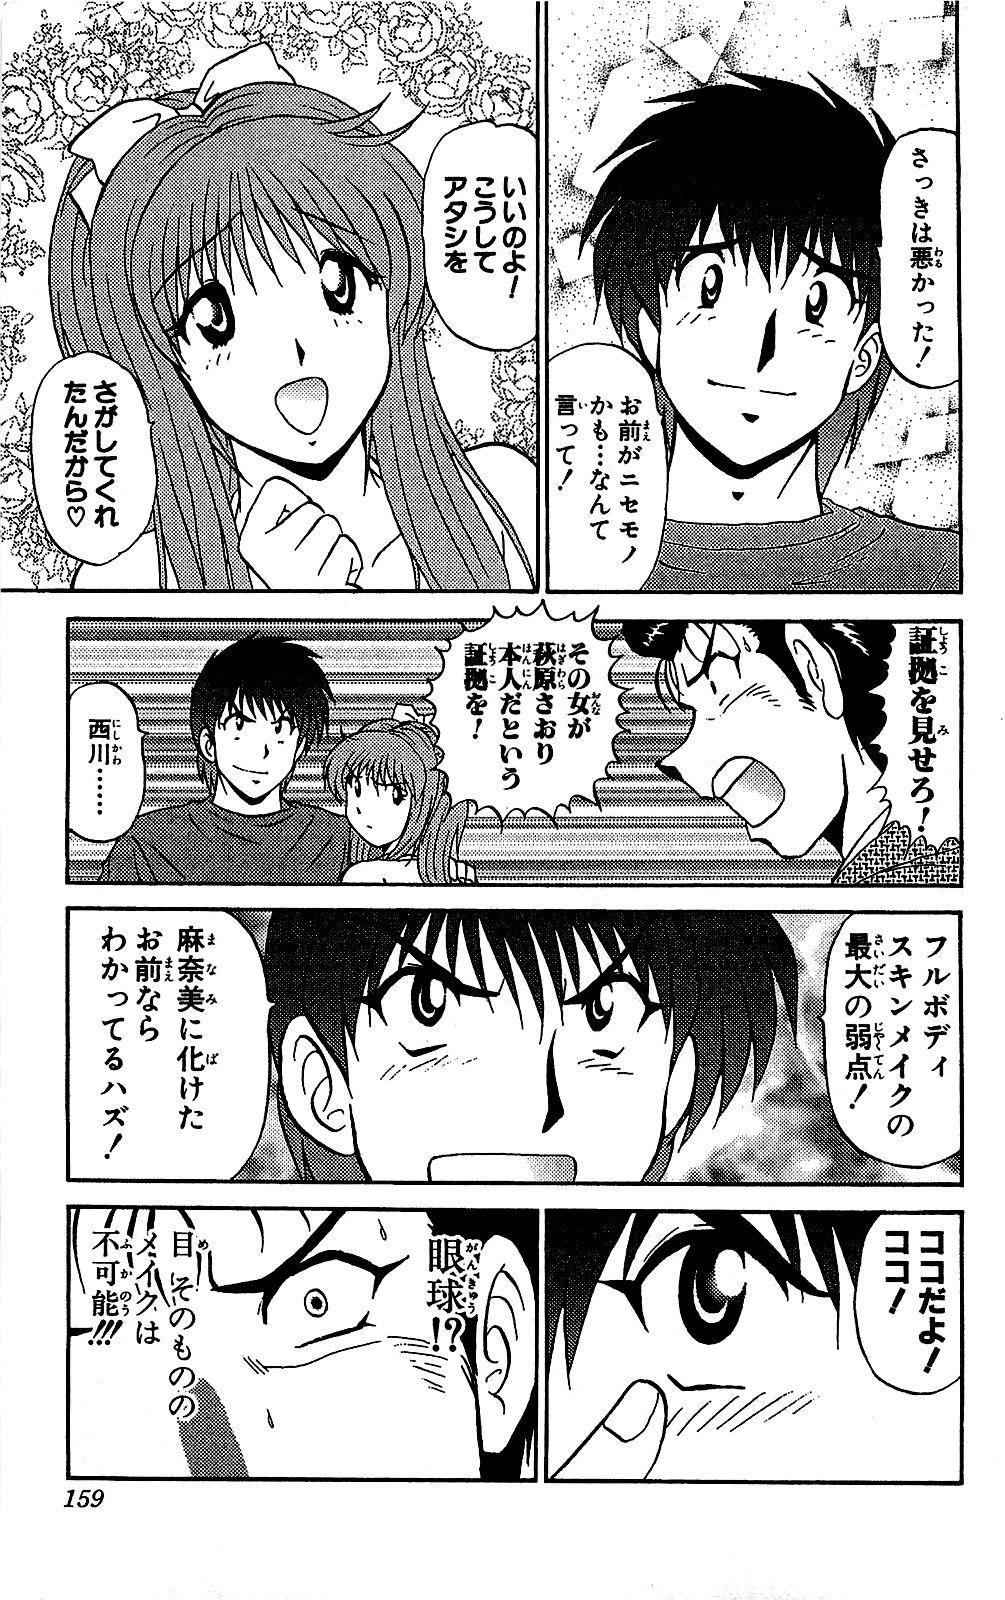 Miracle Make Yuuji 159